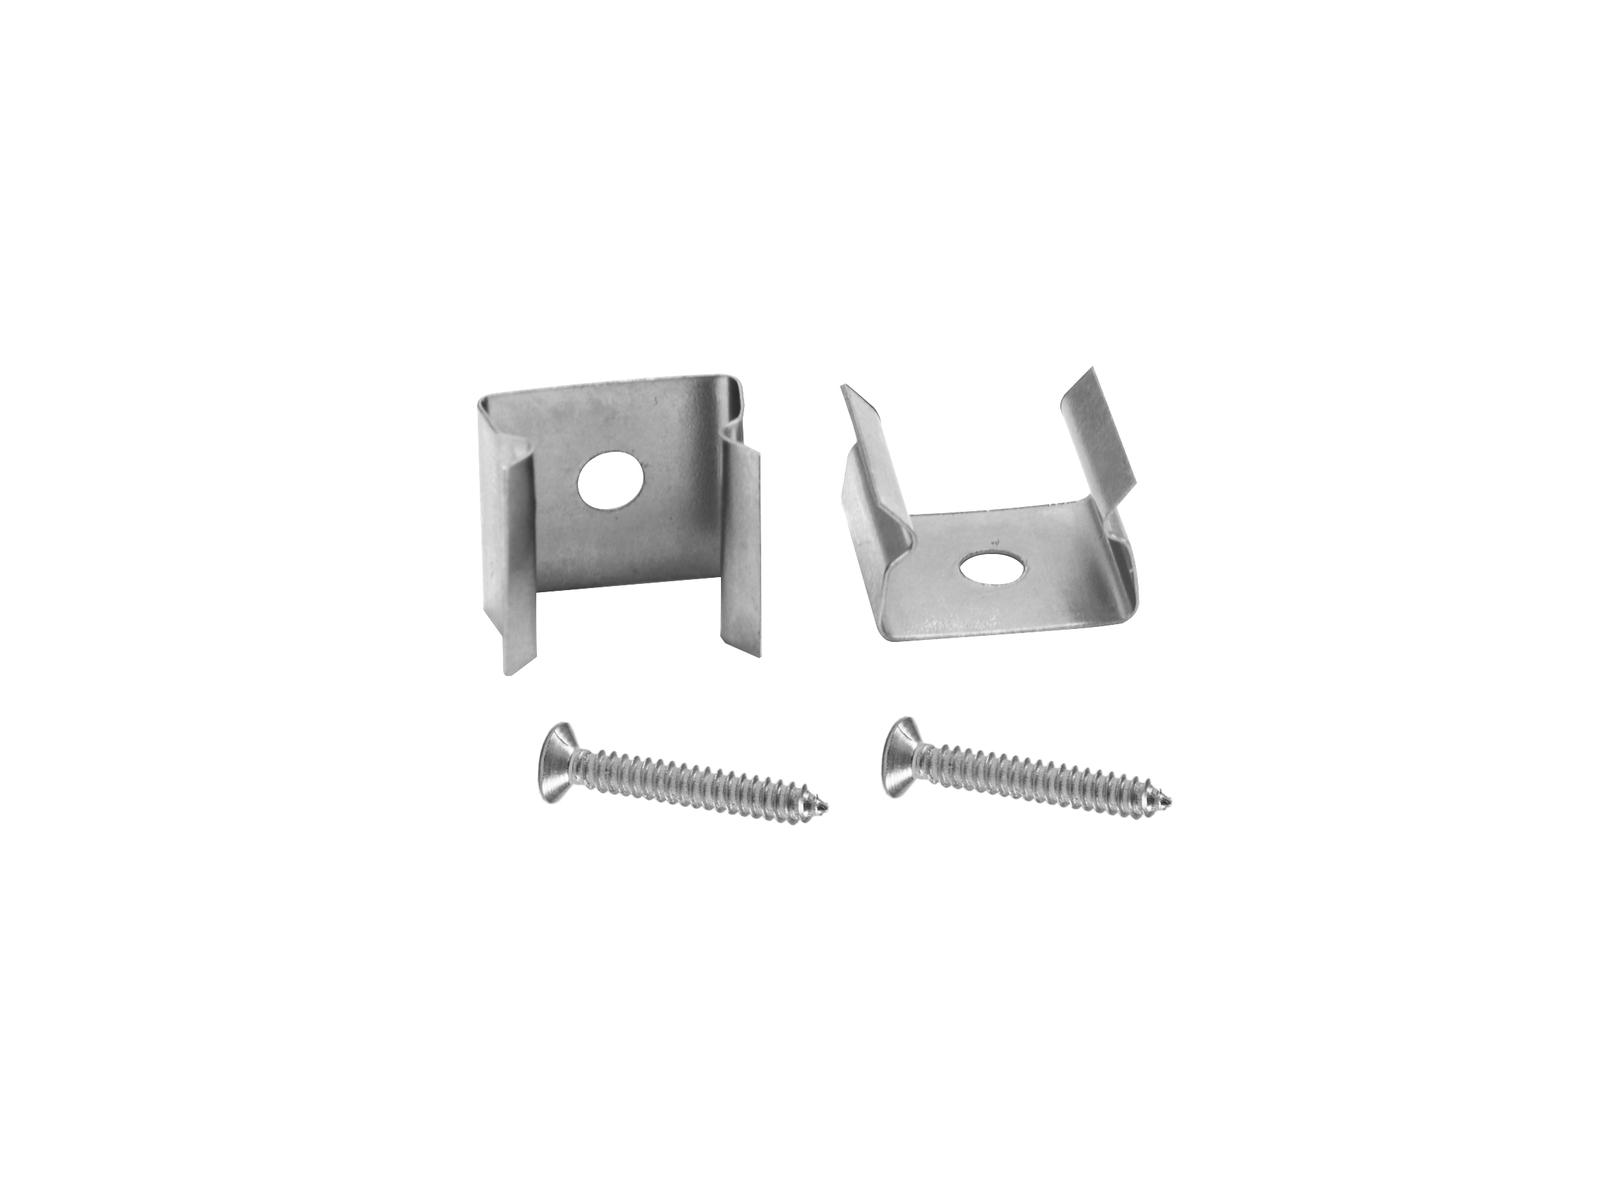 EUROLITE Halterung für Leer-Rohre 10x10mm Set 2x mit Schraube